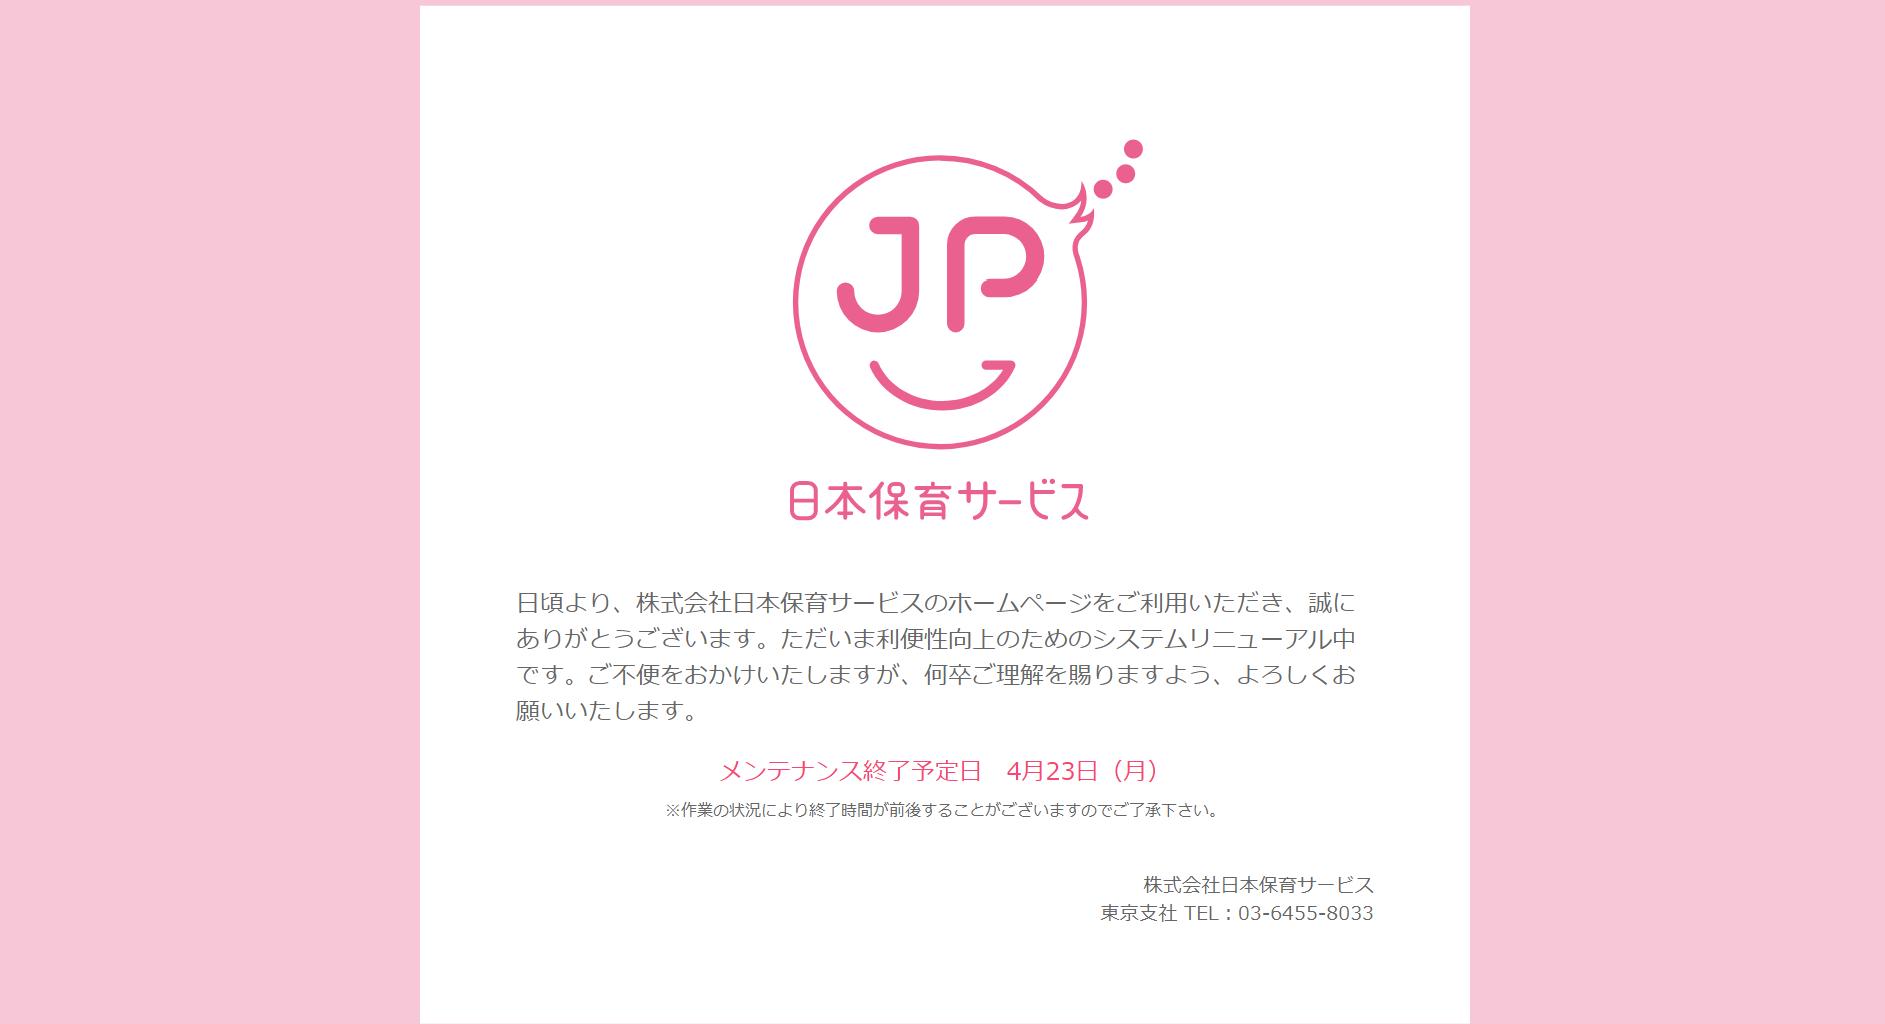 日本保育サービスの評判・口コミ